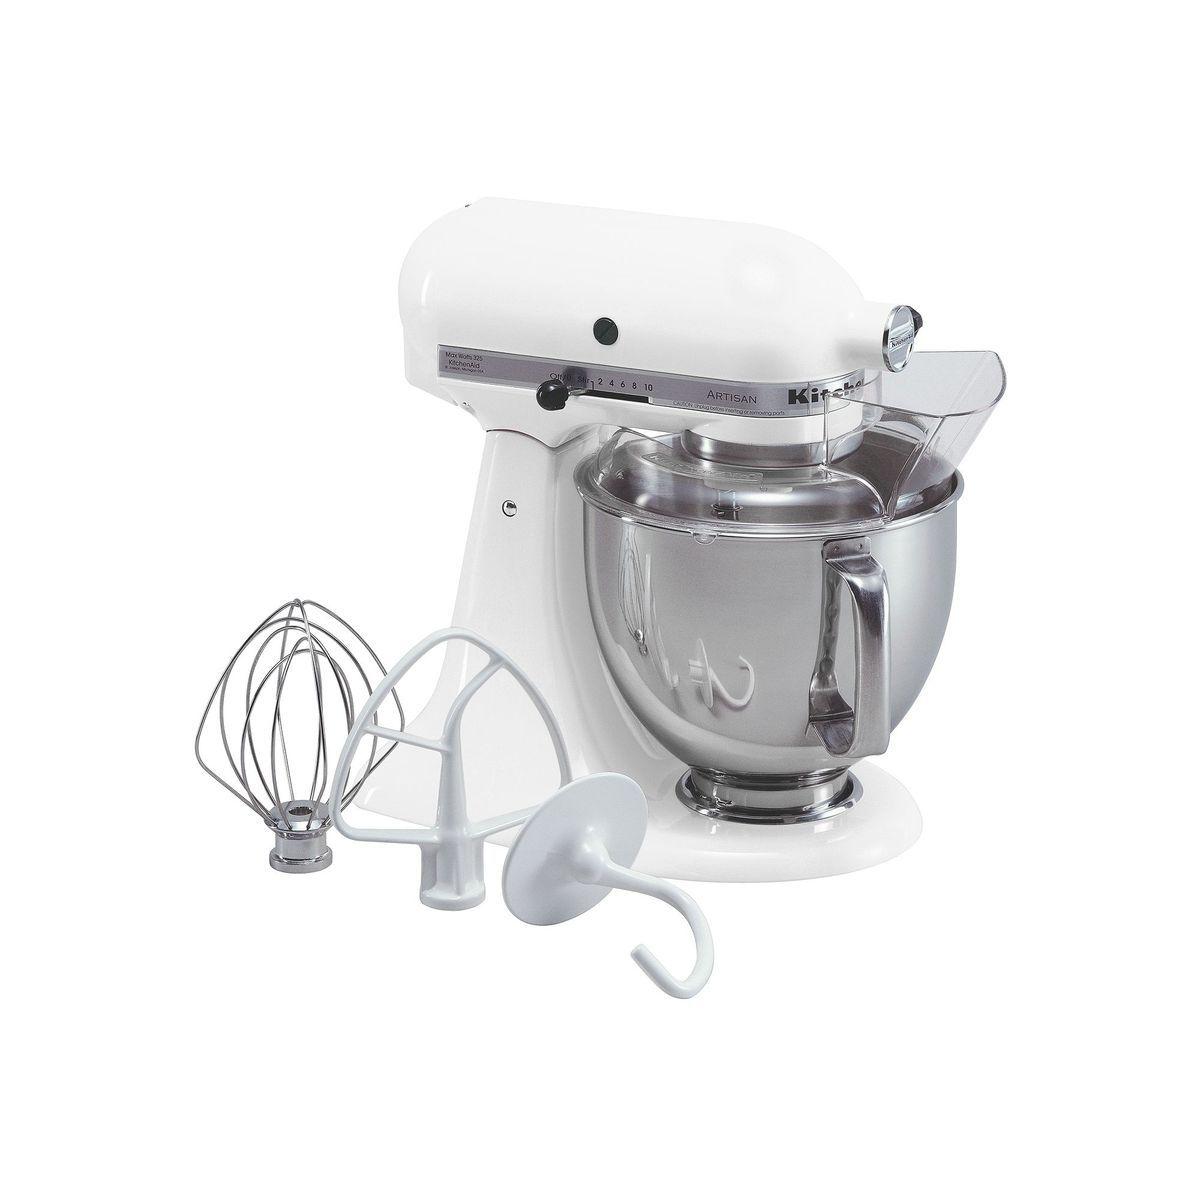 Kitchenaid ksm150ps artisan 5qt stand mixer white